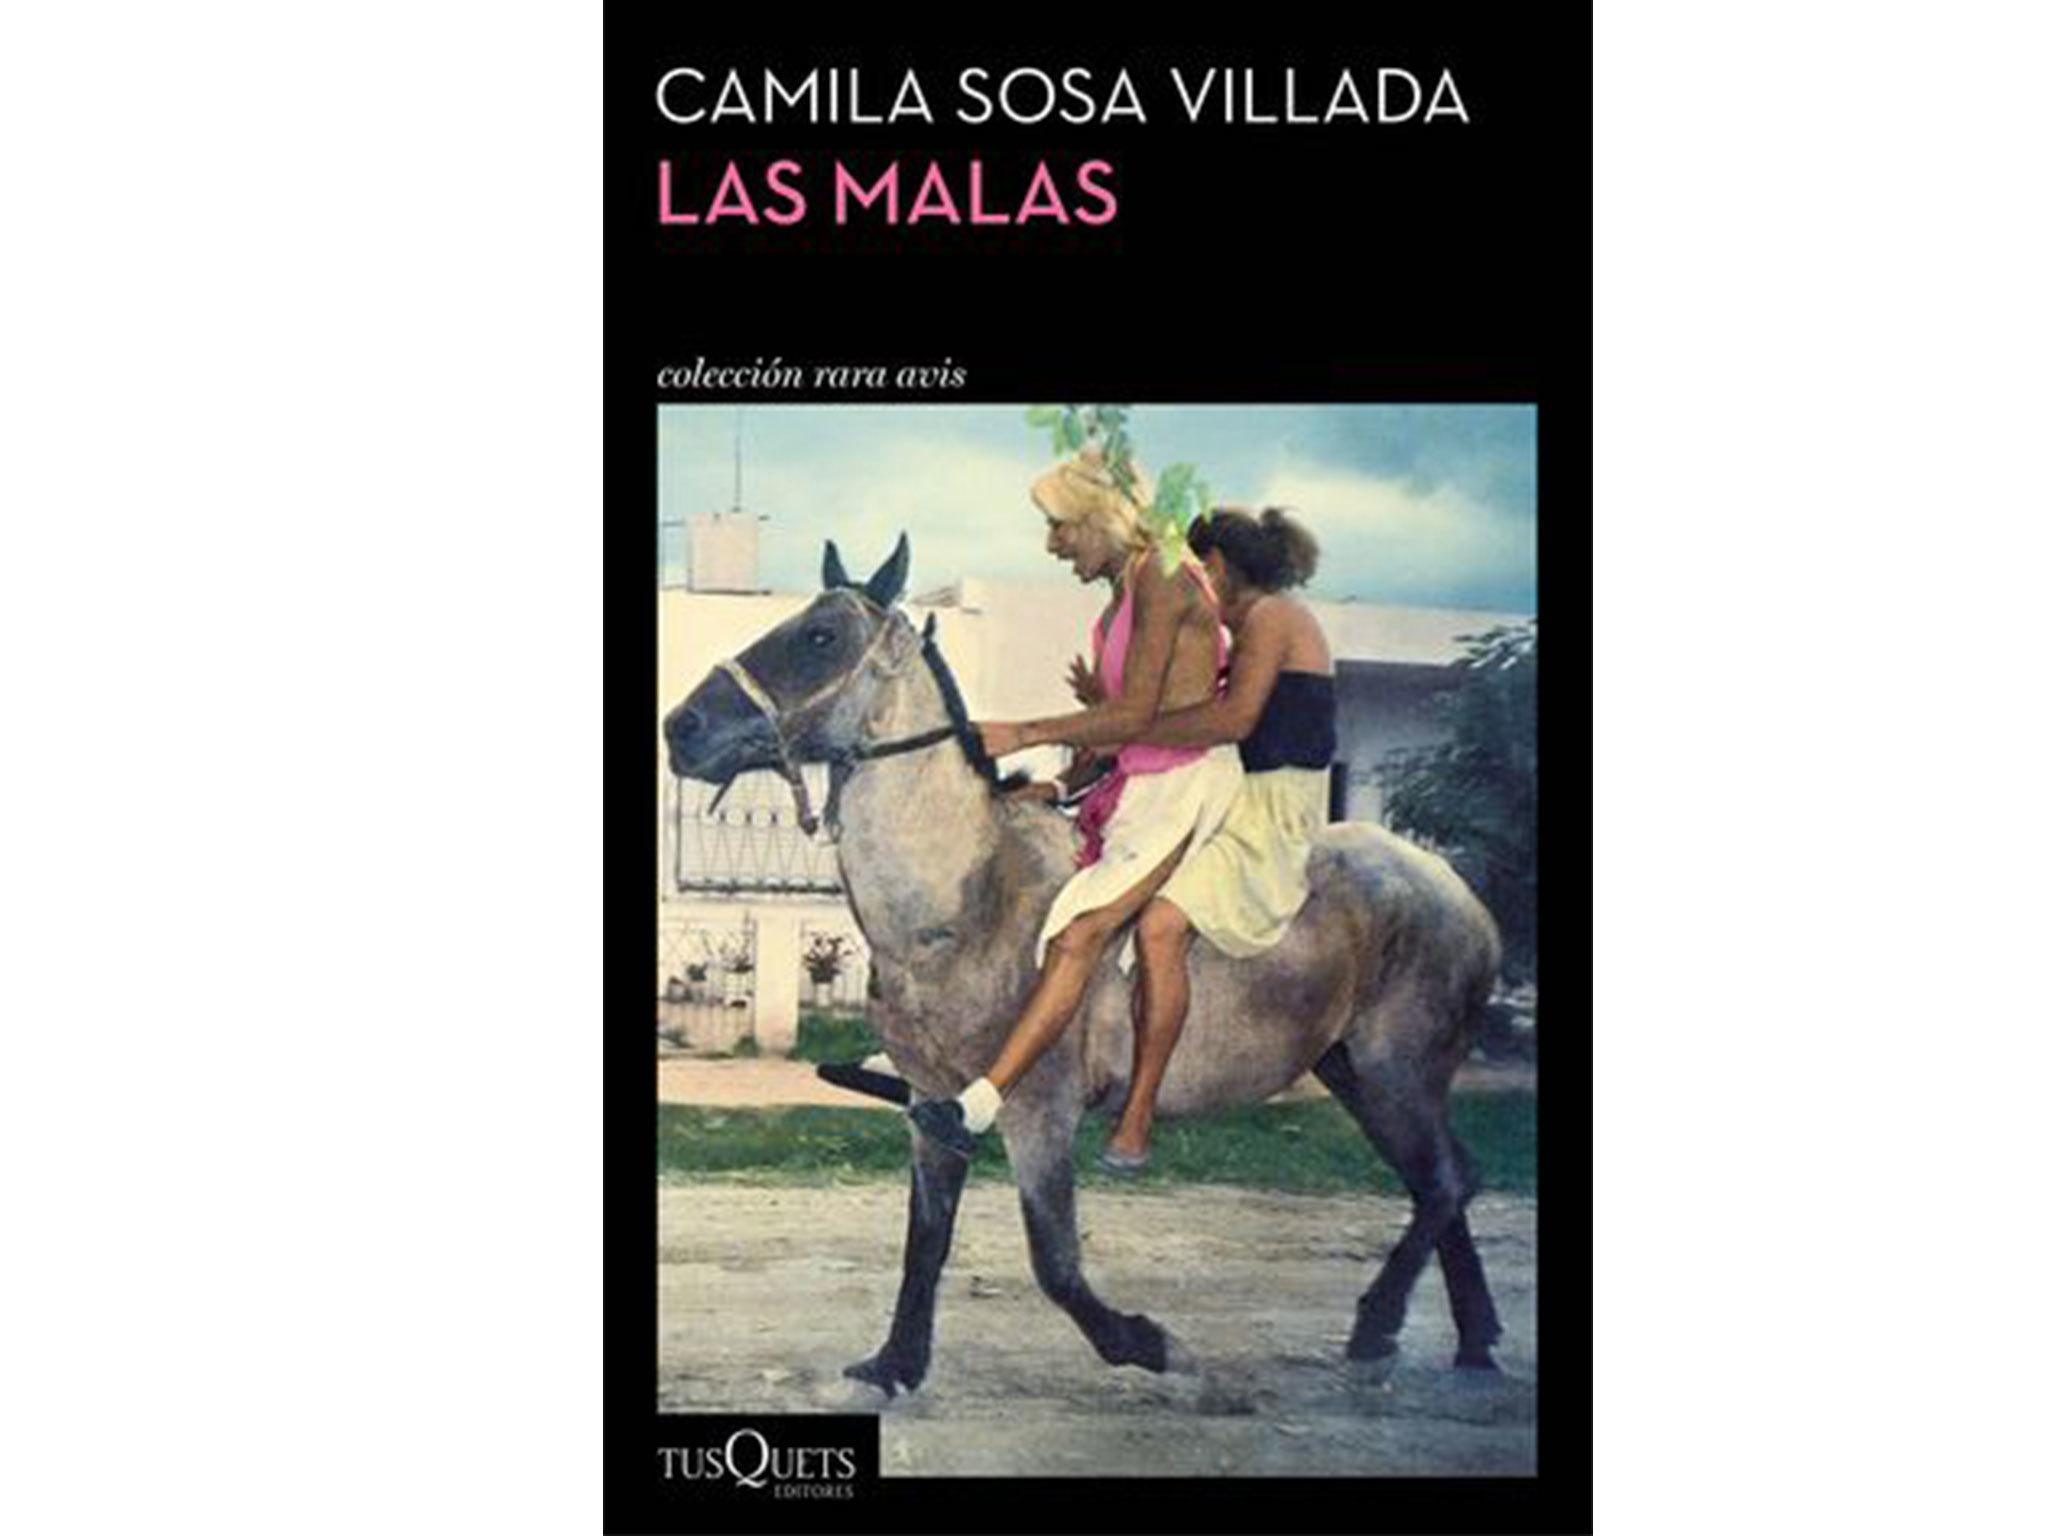 Las malas (Camila Sosa Villada)